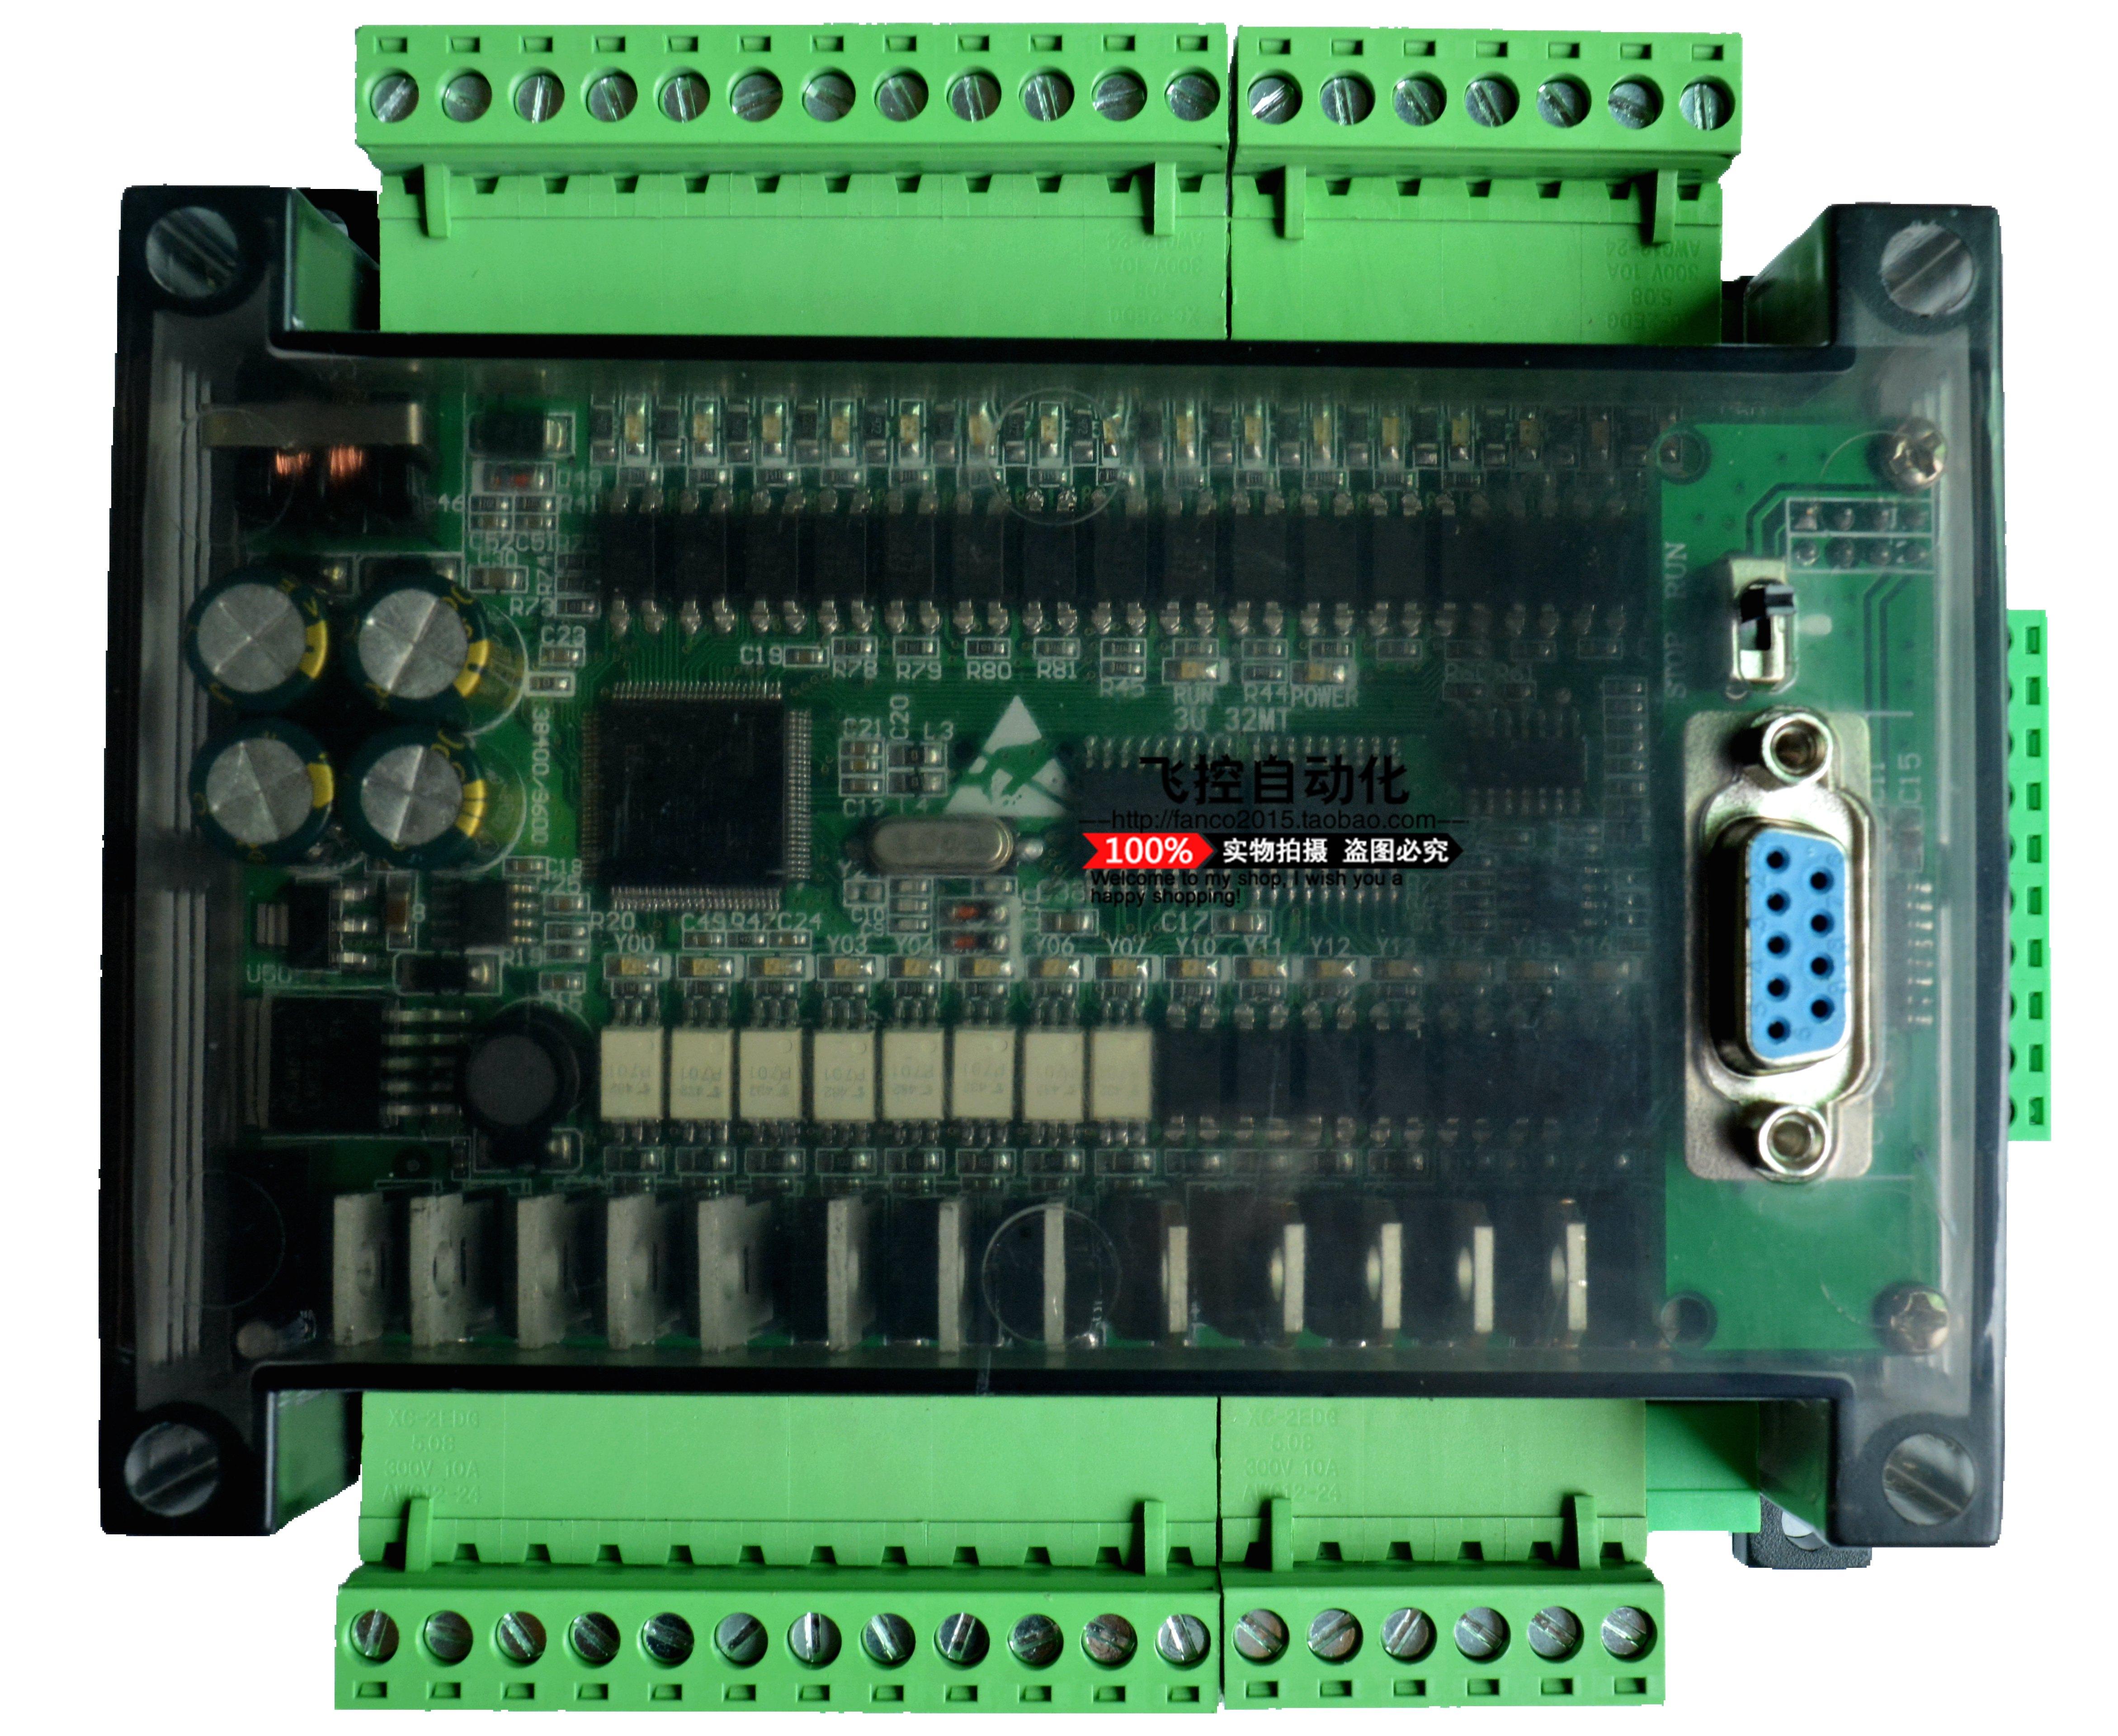 FX1N FX2N FX3U 32MT 6AD 2DA PLC 8x100KHz RS232 RS485 Modbus RTU 24VDC for Mitsubishi PLC